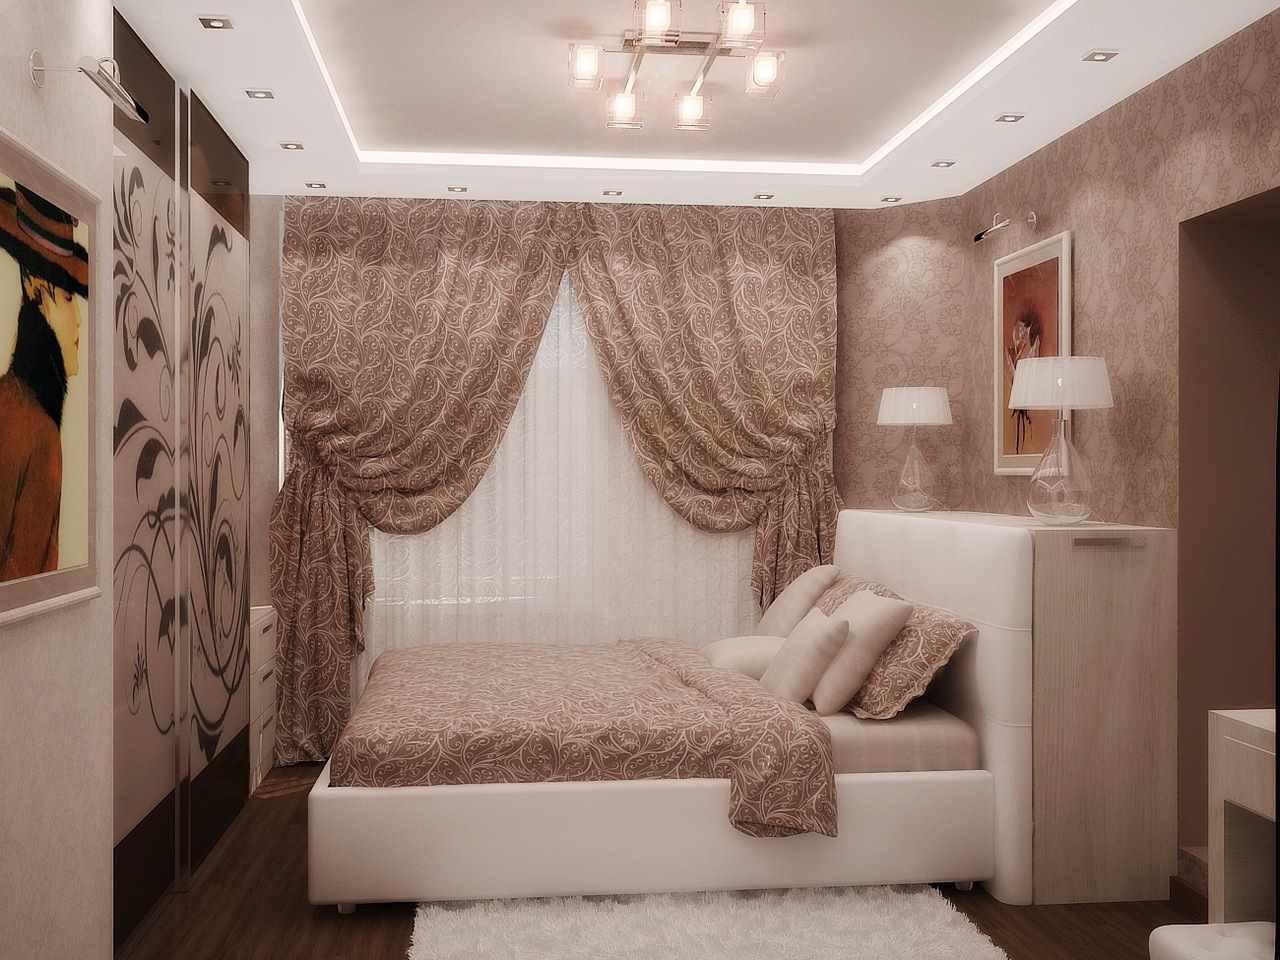 Un exemple d'un décor lumineux d'une chambre étroite